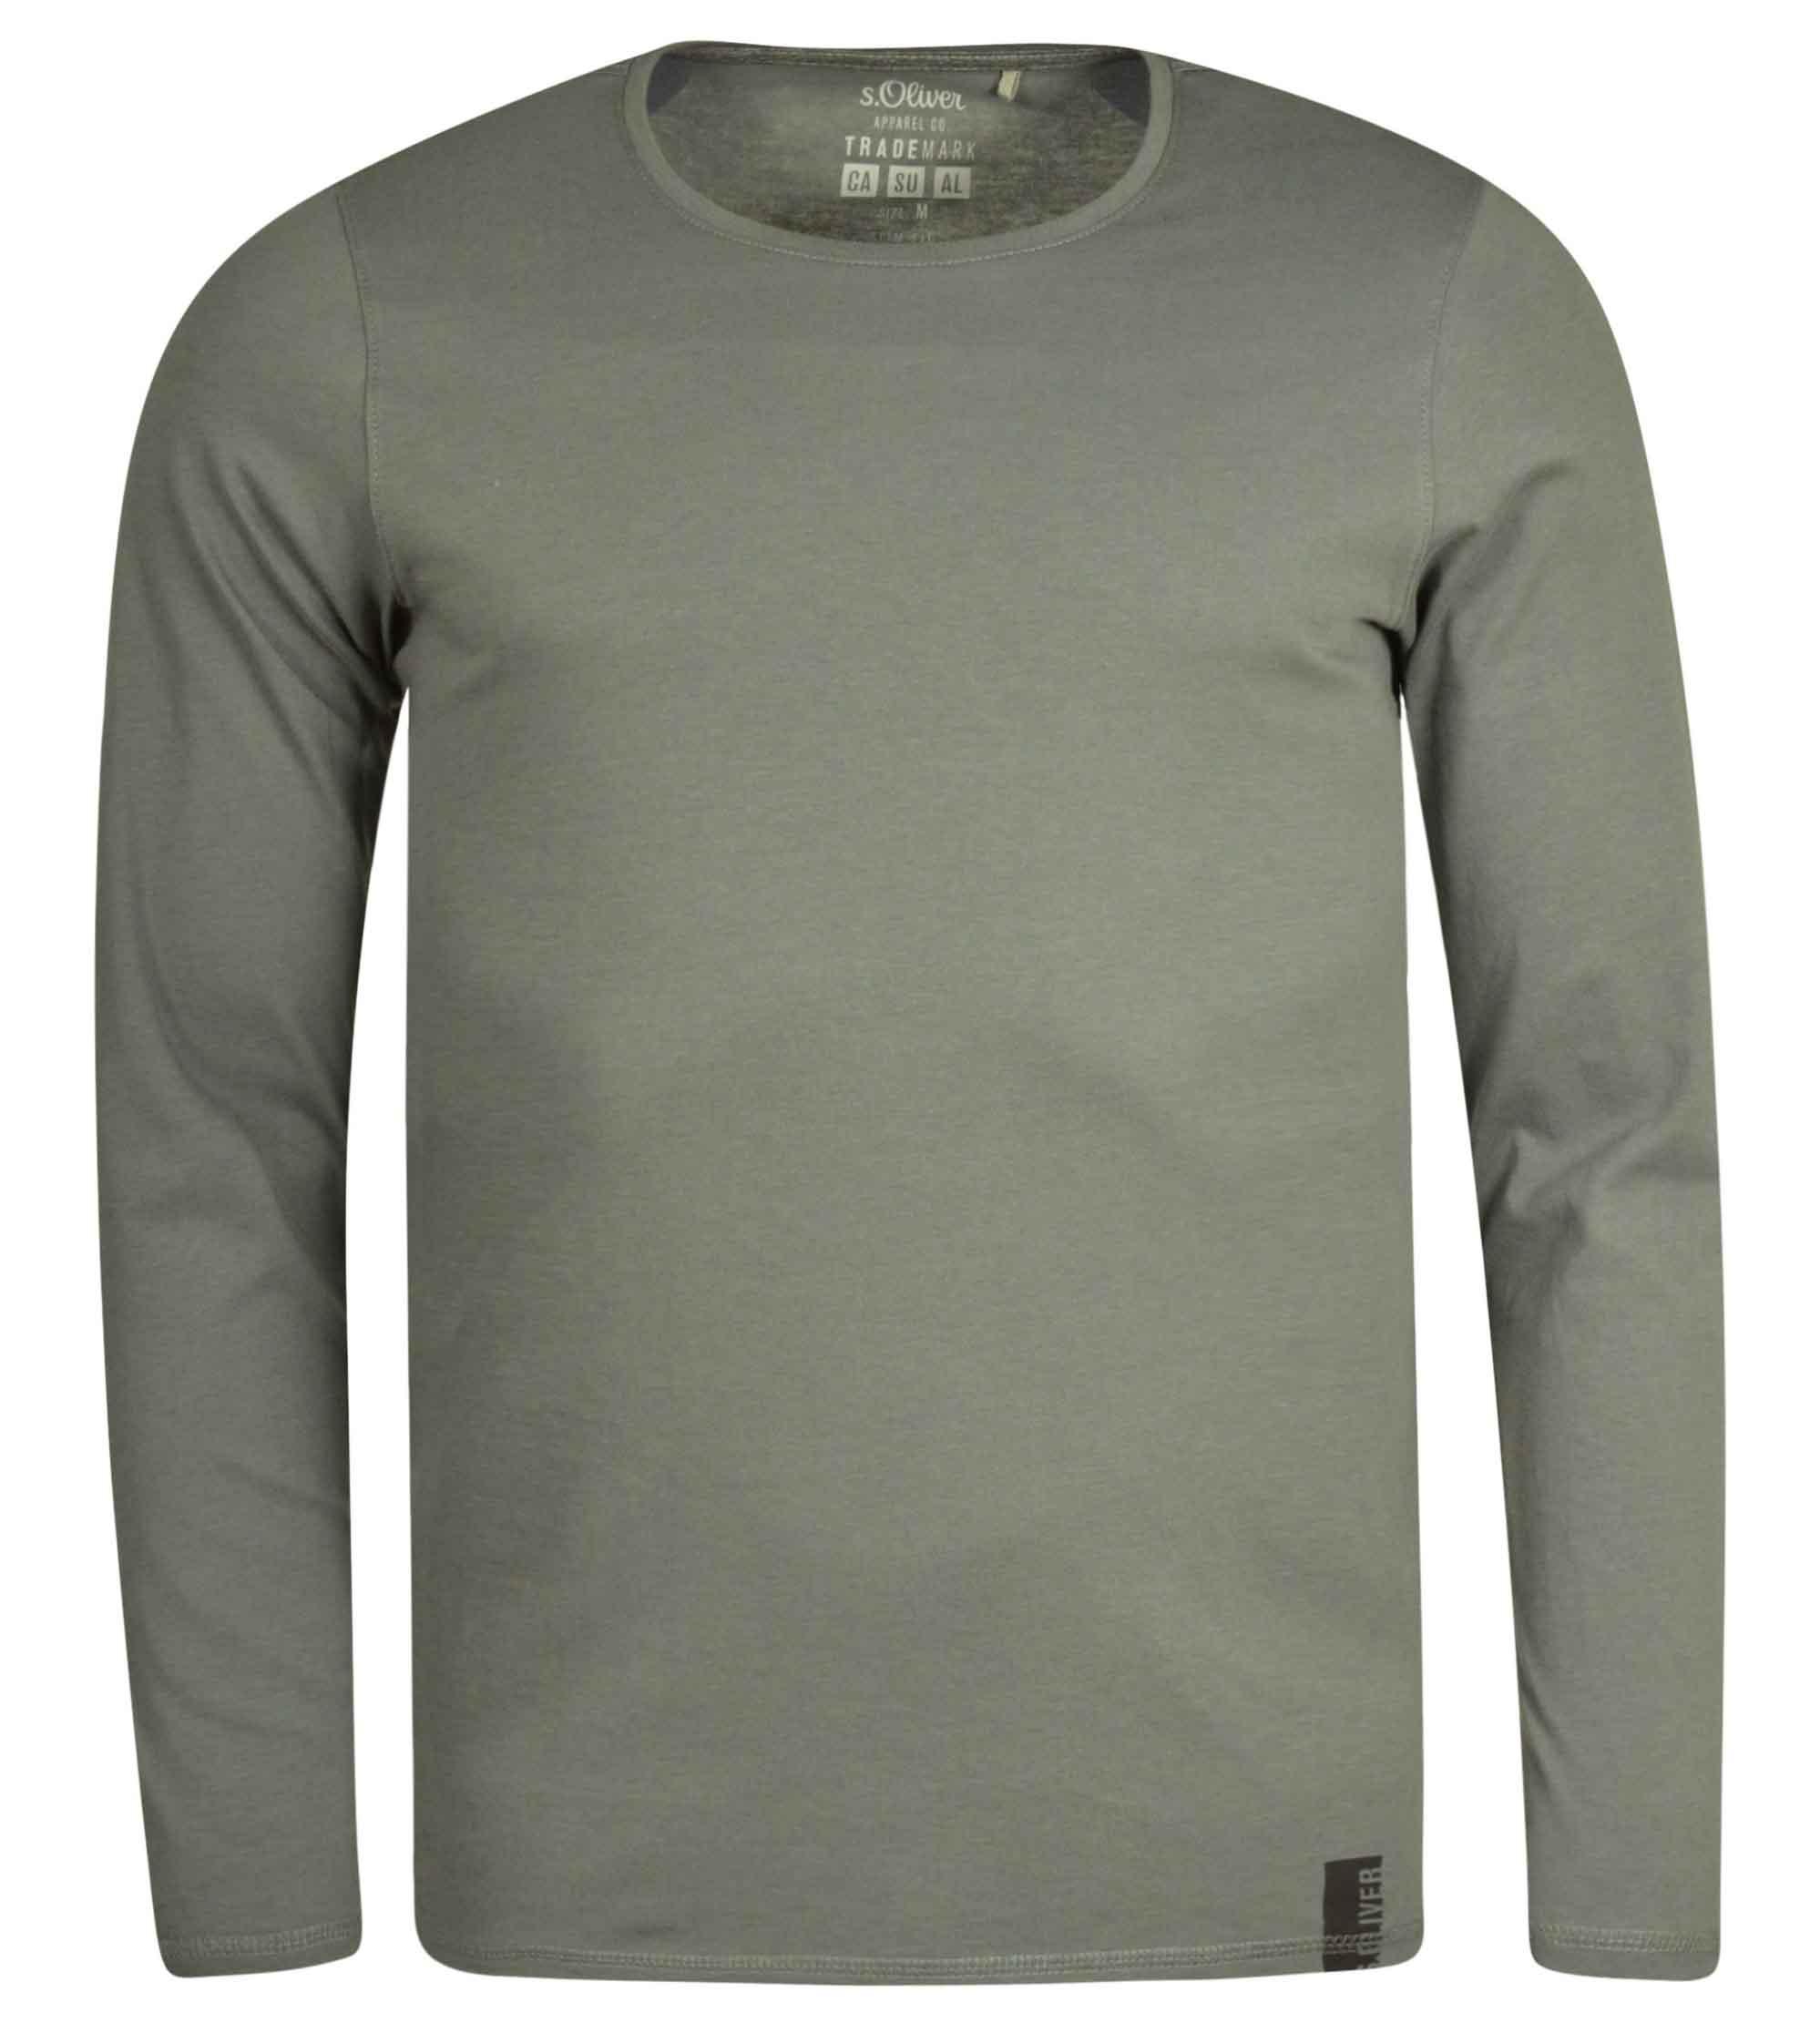 Ανδρική μπλούζα S.OLIVER 31.4535 - Glami.gr 6c6f21388b8